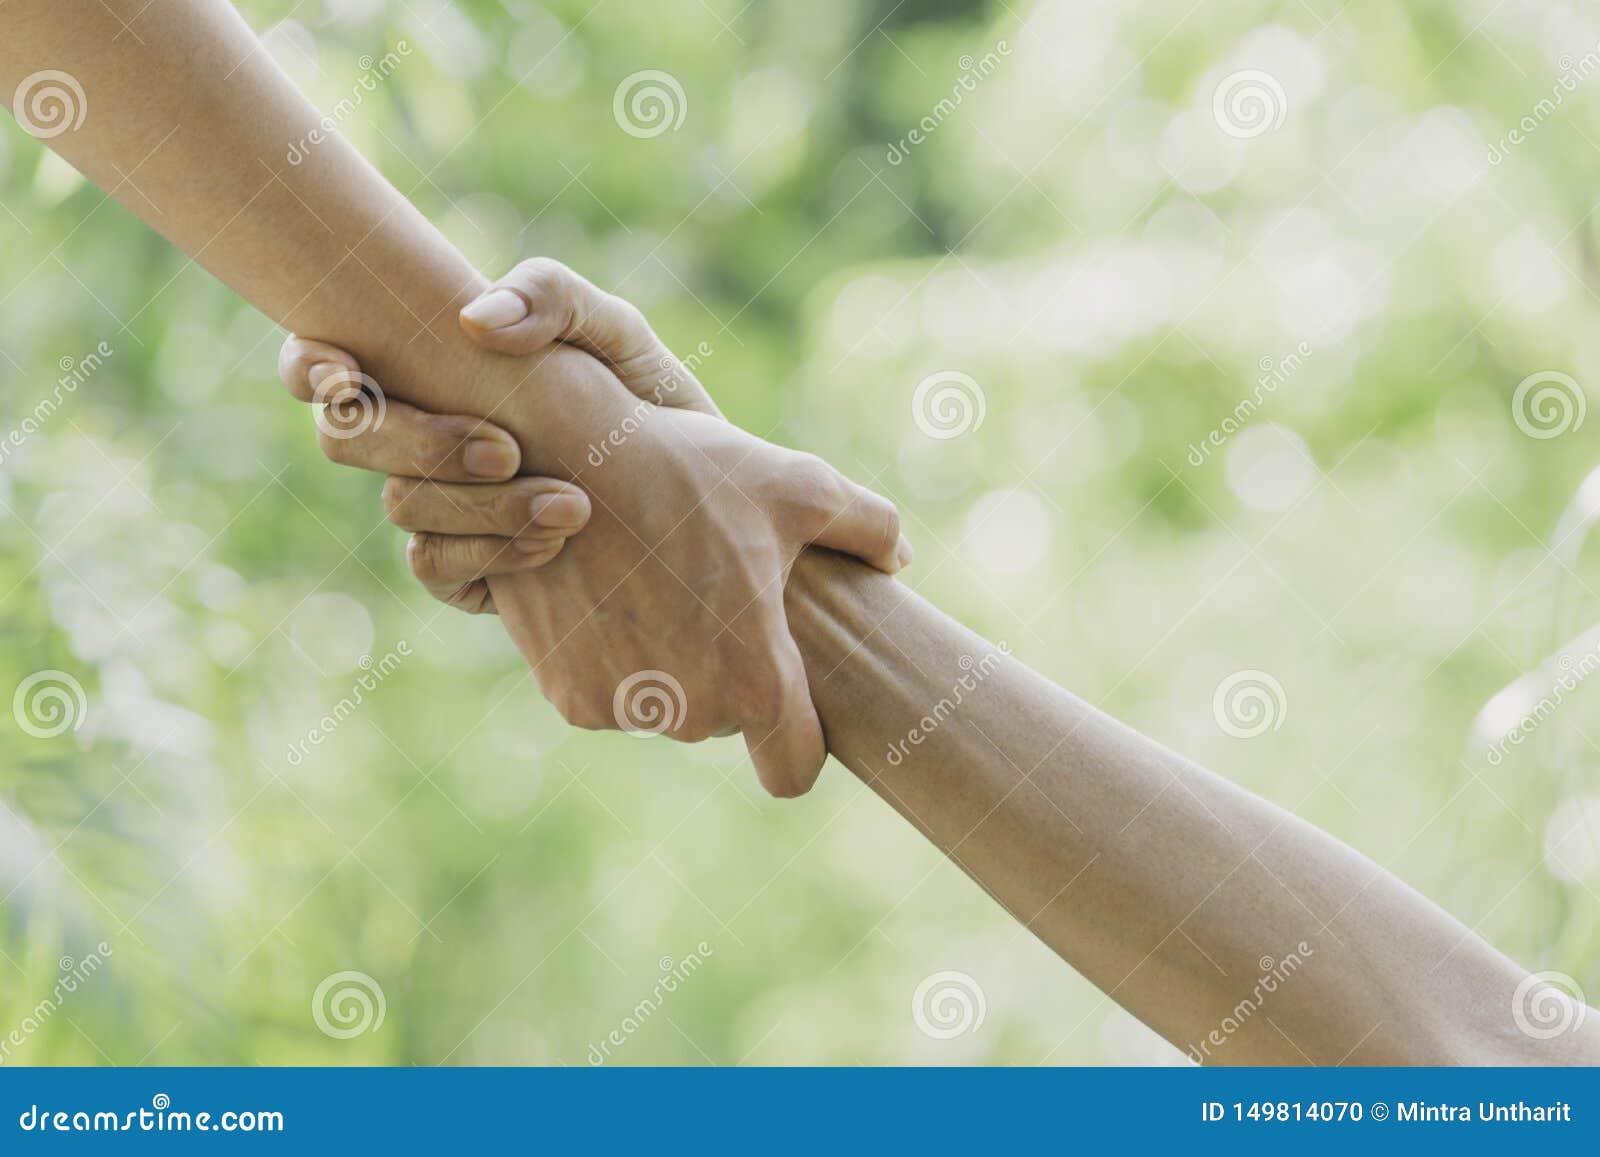 Έννοια χεριών βοηθείας Εκμετάλλευση χεριών για τη βοήθεια στο υπόβαθρο φύσης